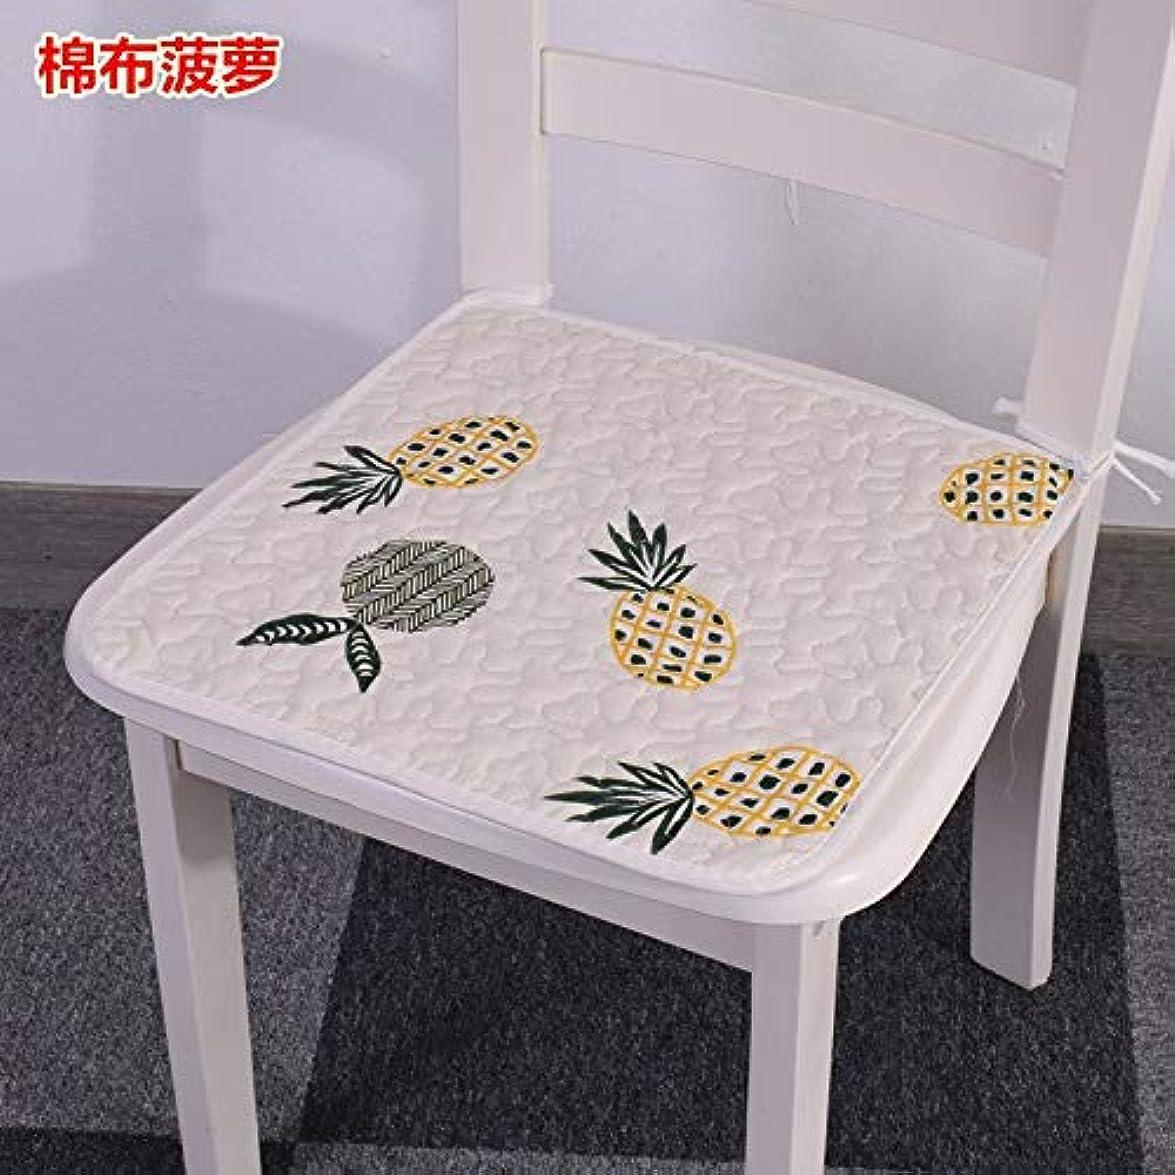 ラリースリップ公平LIFE 現代スーパーソフト椅子クッション非スリップシートクッションマットソファホームデコレーションバッククッションチェアパッド 40*40/45*45/50*50 センチメートル クッション 椅子